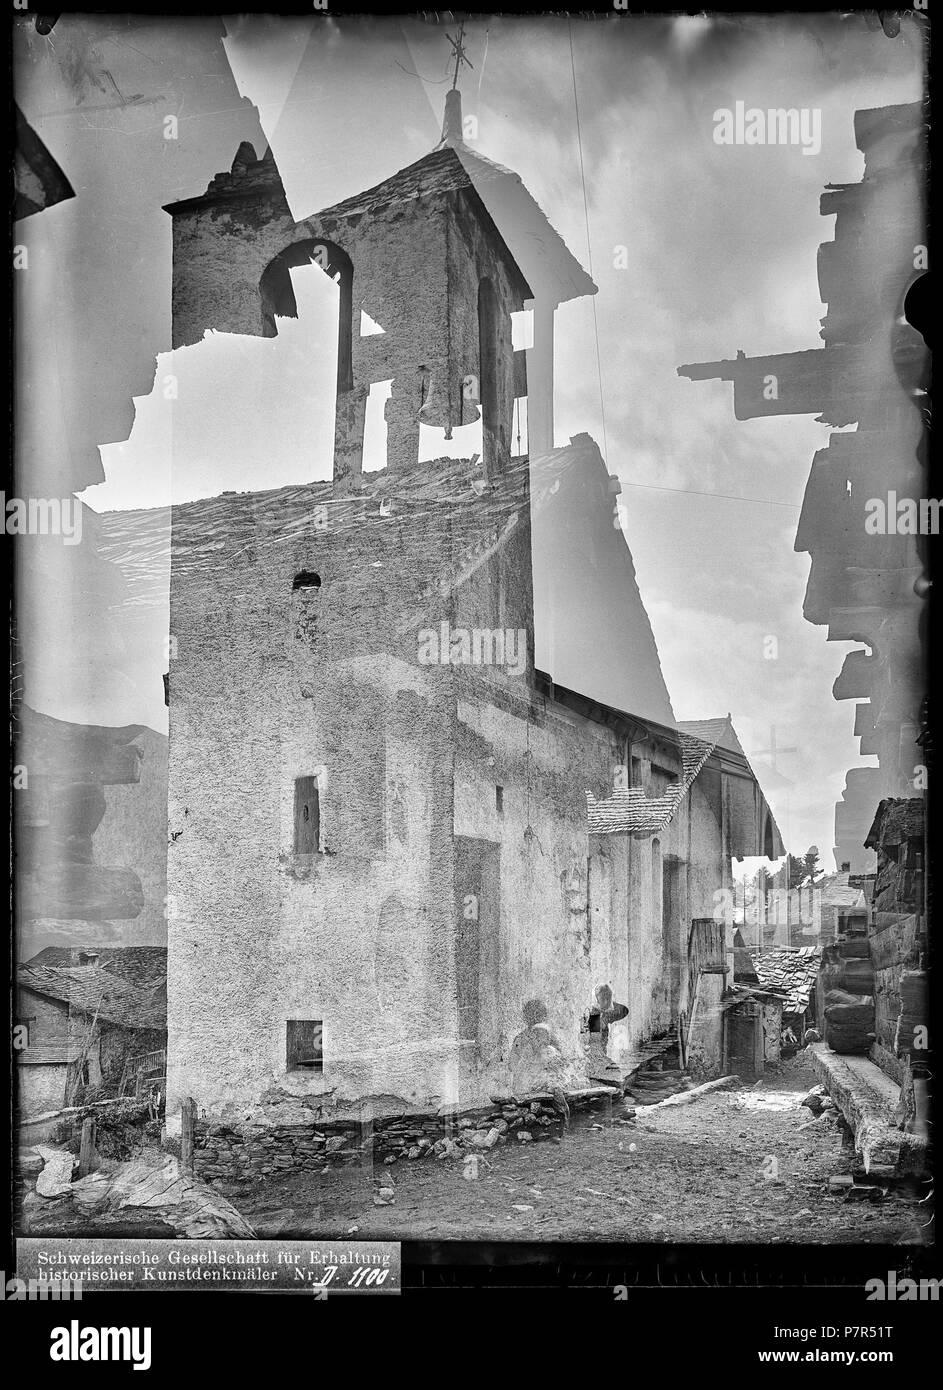 Saint Luc, vue partielle; Vue partielle du village de Saint Luc. between 1898 and 1907 80 CH-NB - Saint Luc, vue partielle - Collection Max van Berchem - EAD-7688 Stock Photo